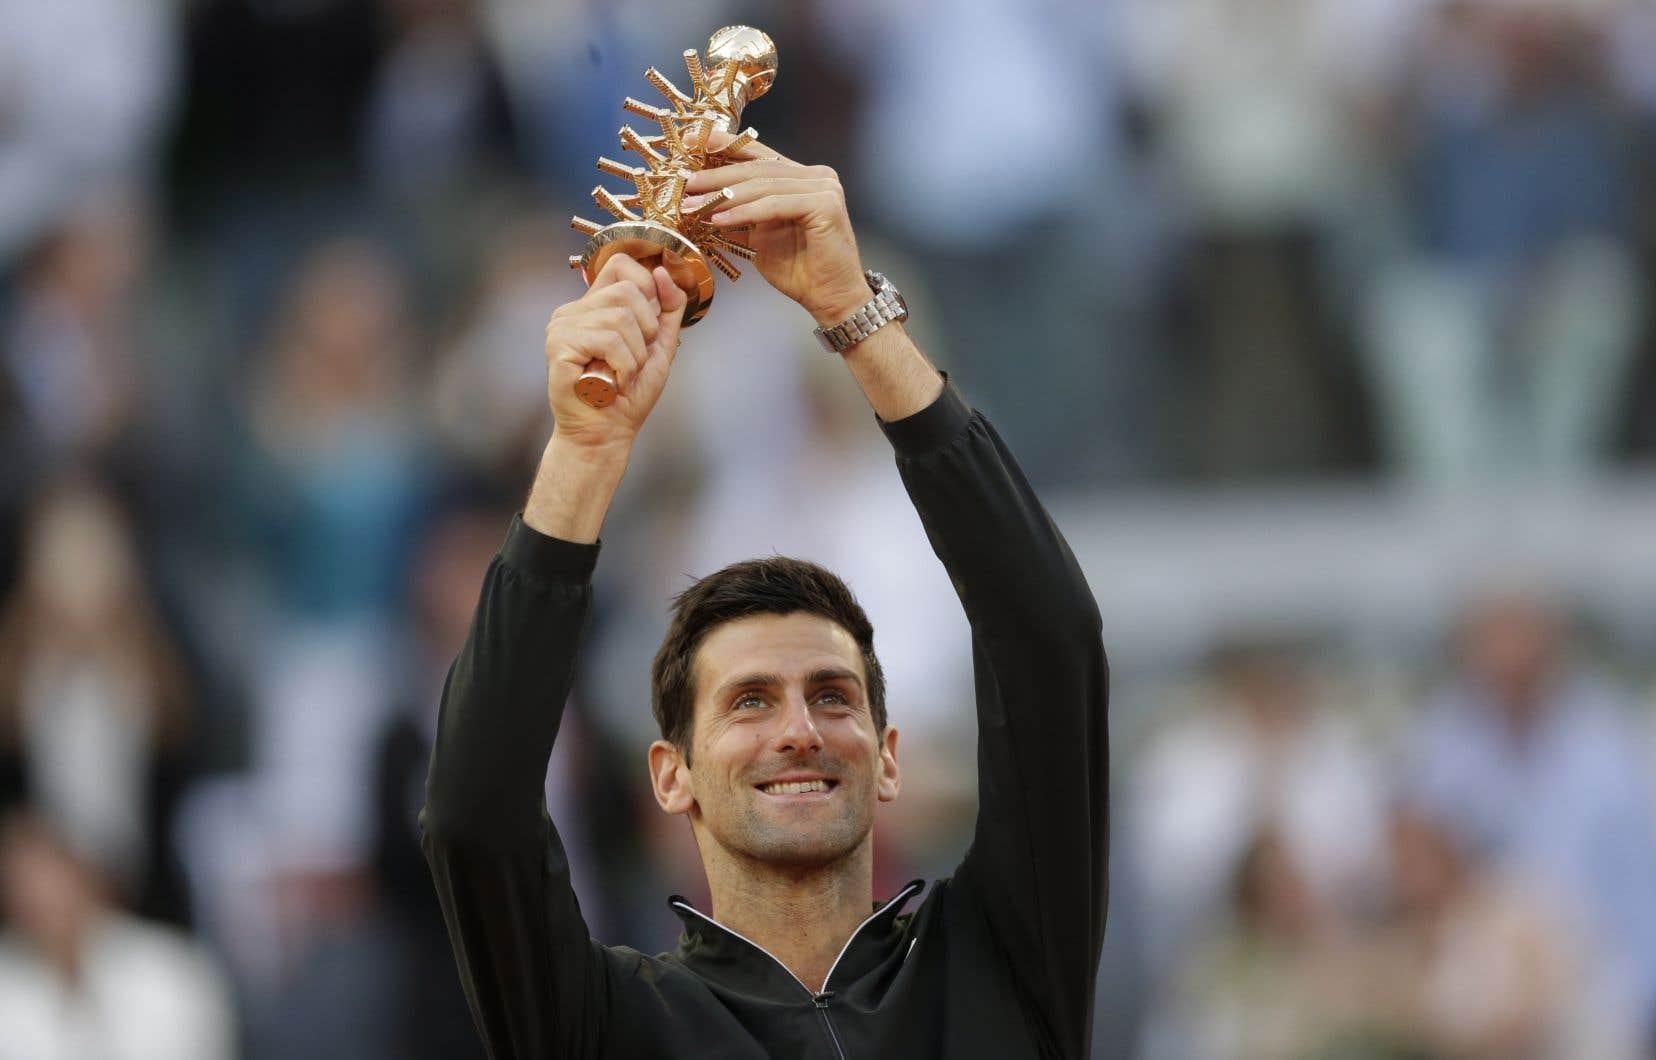 Novak Djokovicn'avait pas gagné dans la capitale espagnole depuis 2016, et son titre précédent à Madrid avait été acquis en 2011.